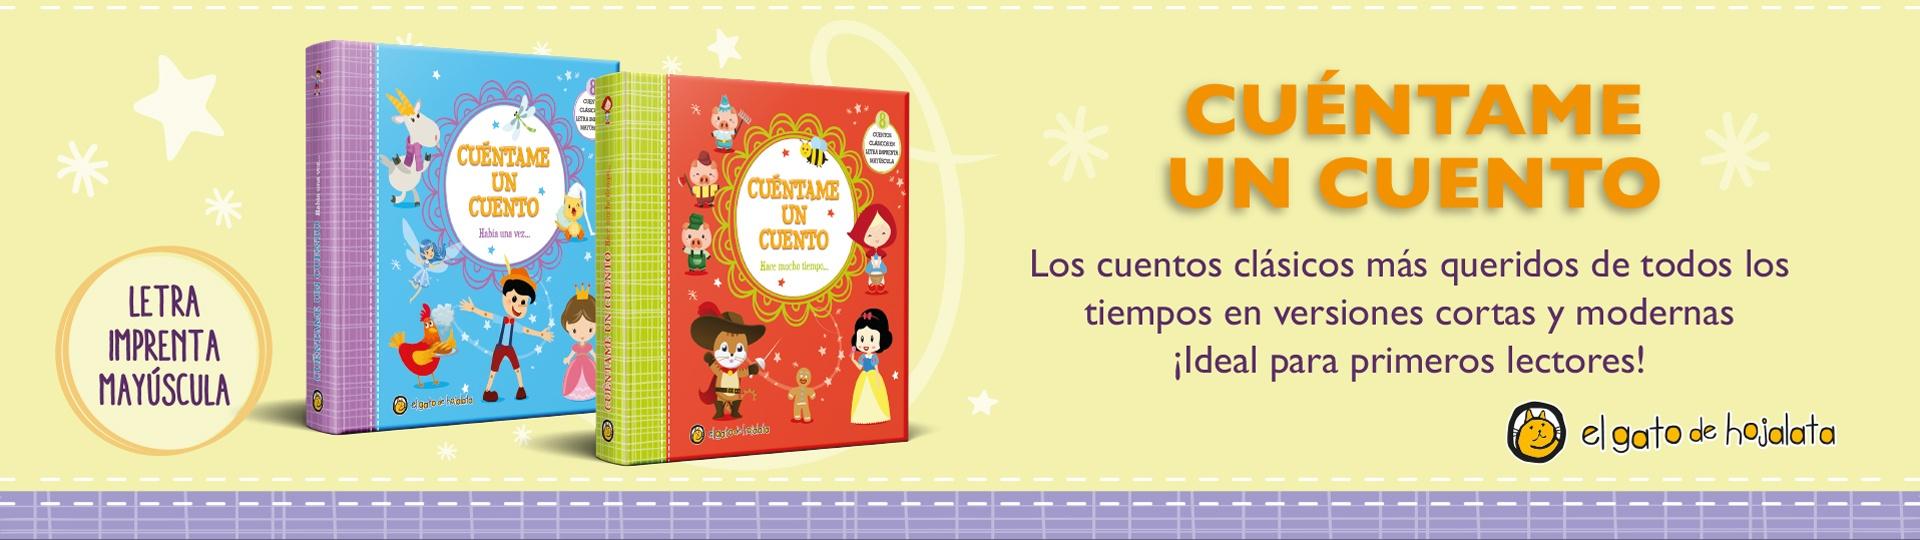 CUENTAME_UN_CUENTO_WEB_1920x540